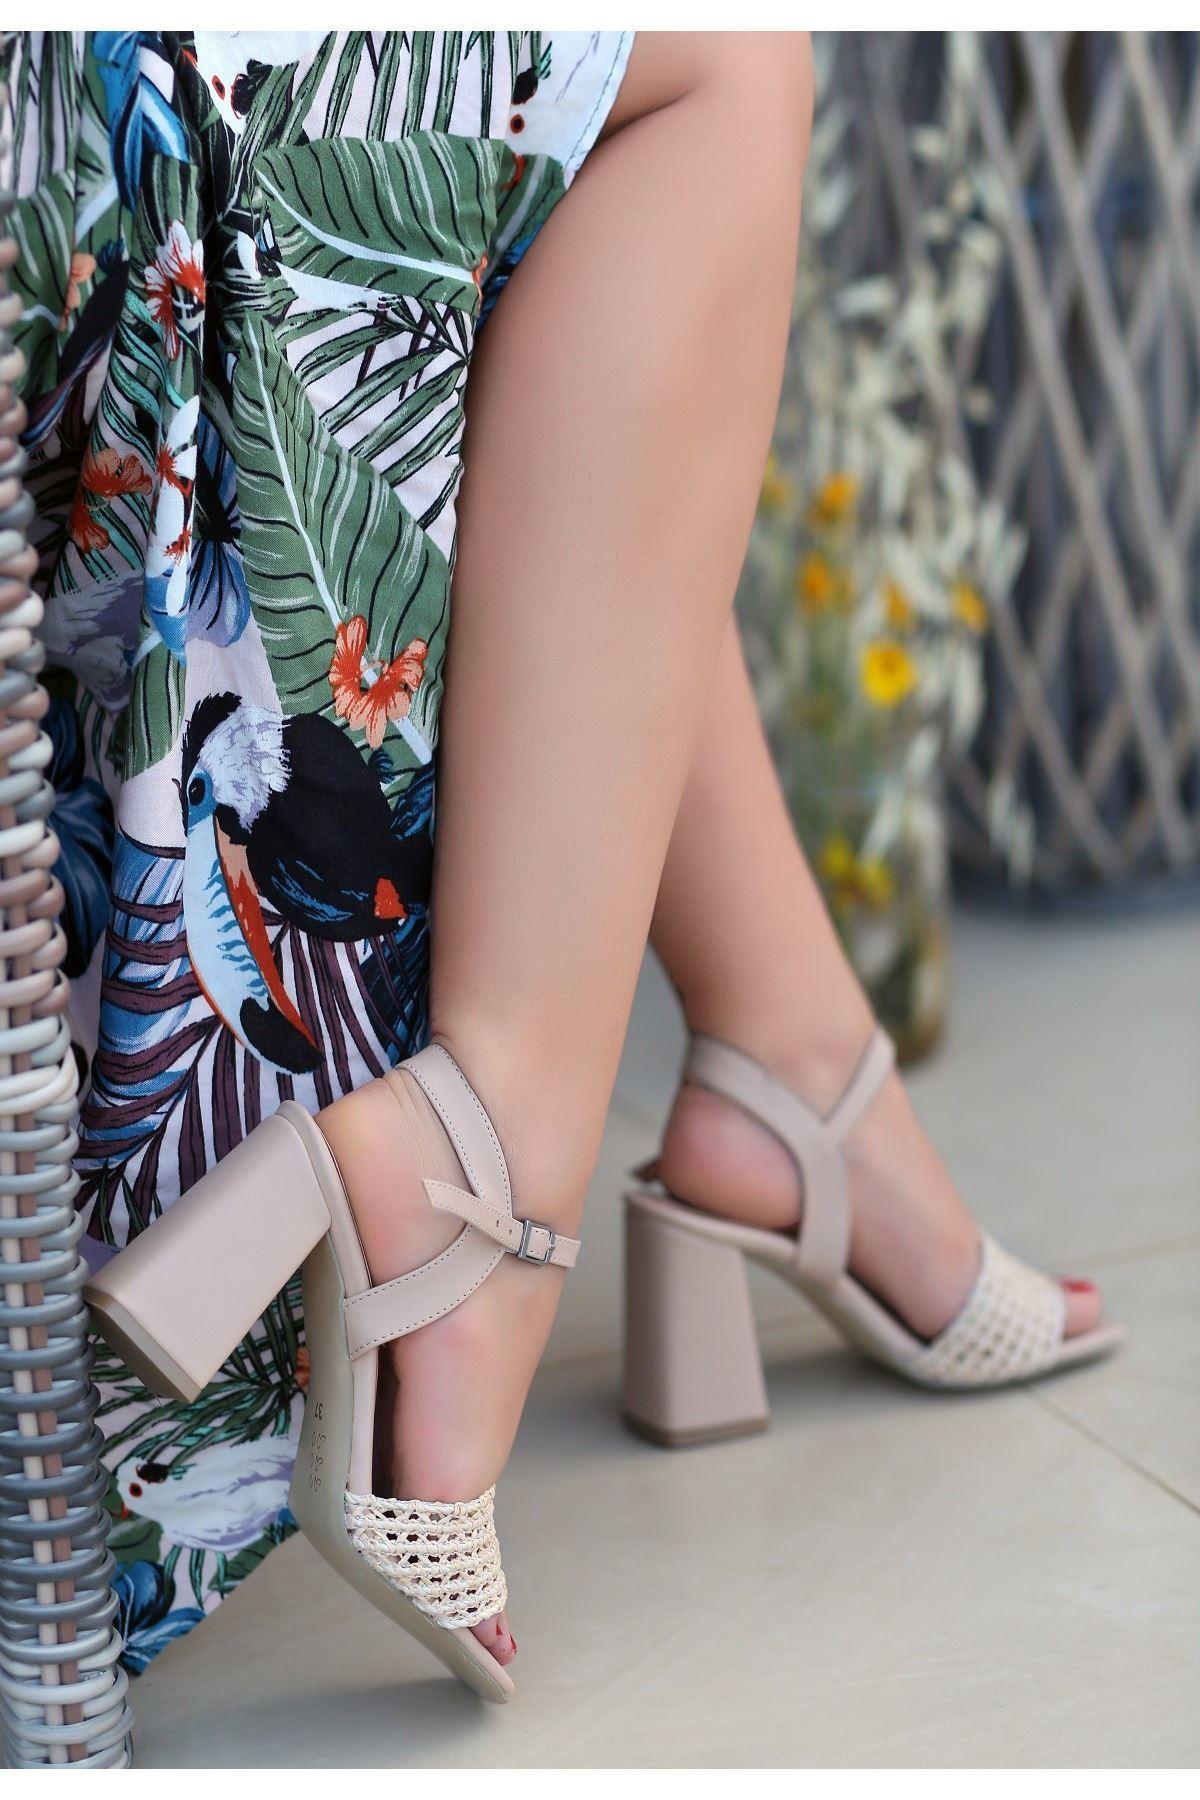 Sesto Vizon Cilt Örgülü Topuklu Ayakkabı